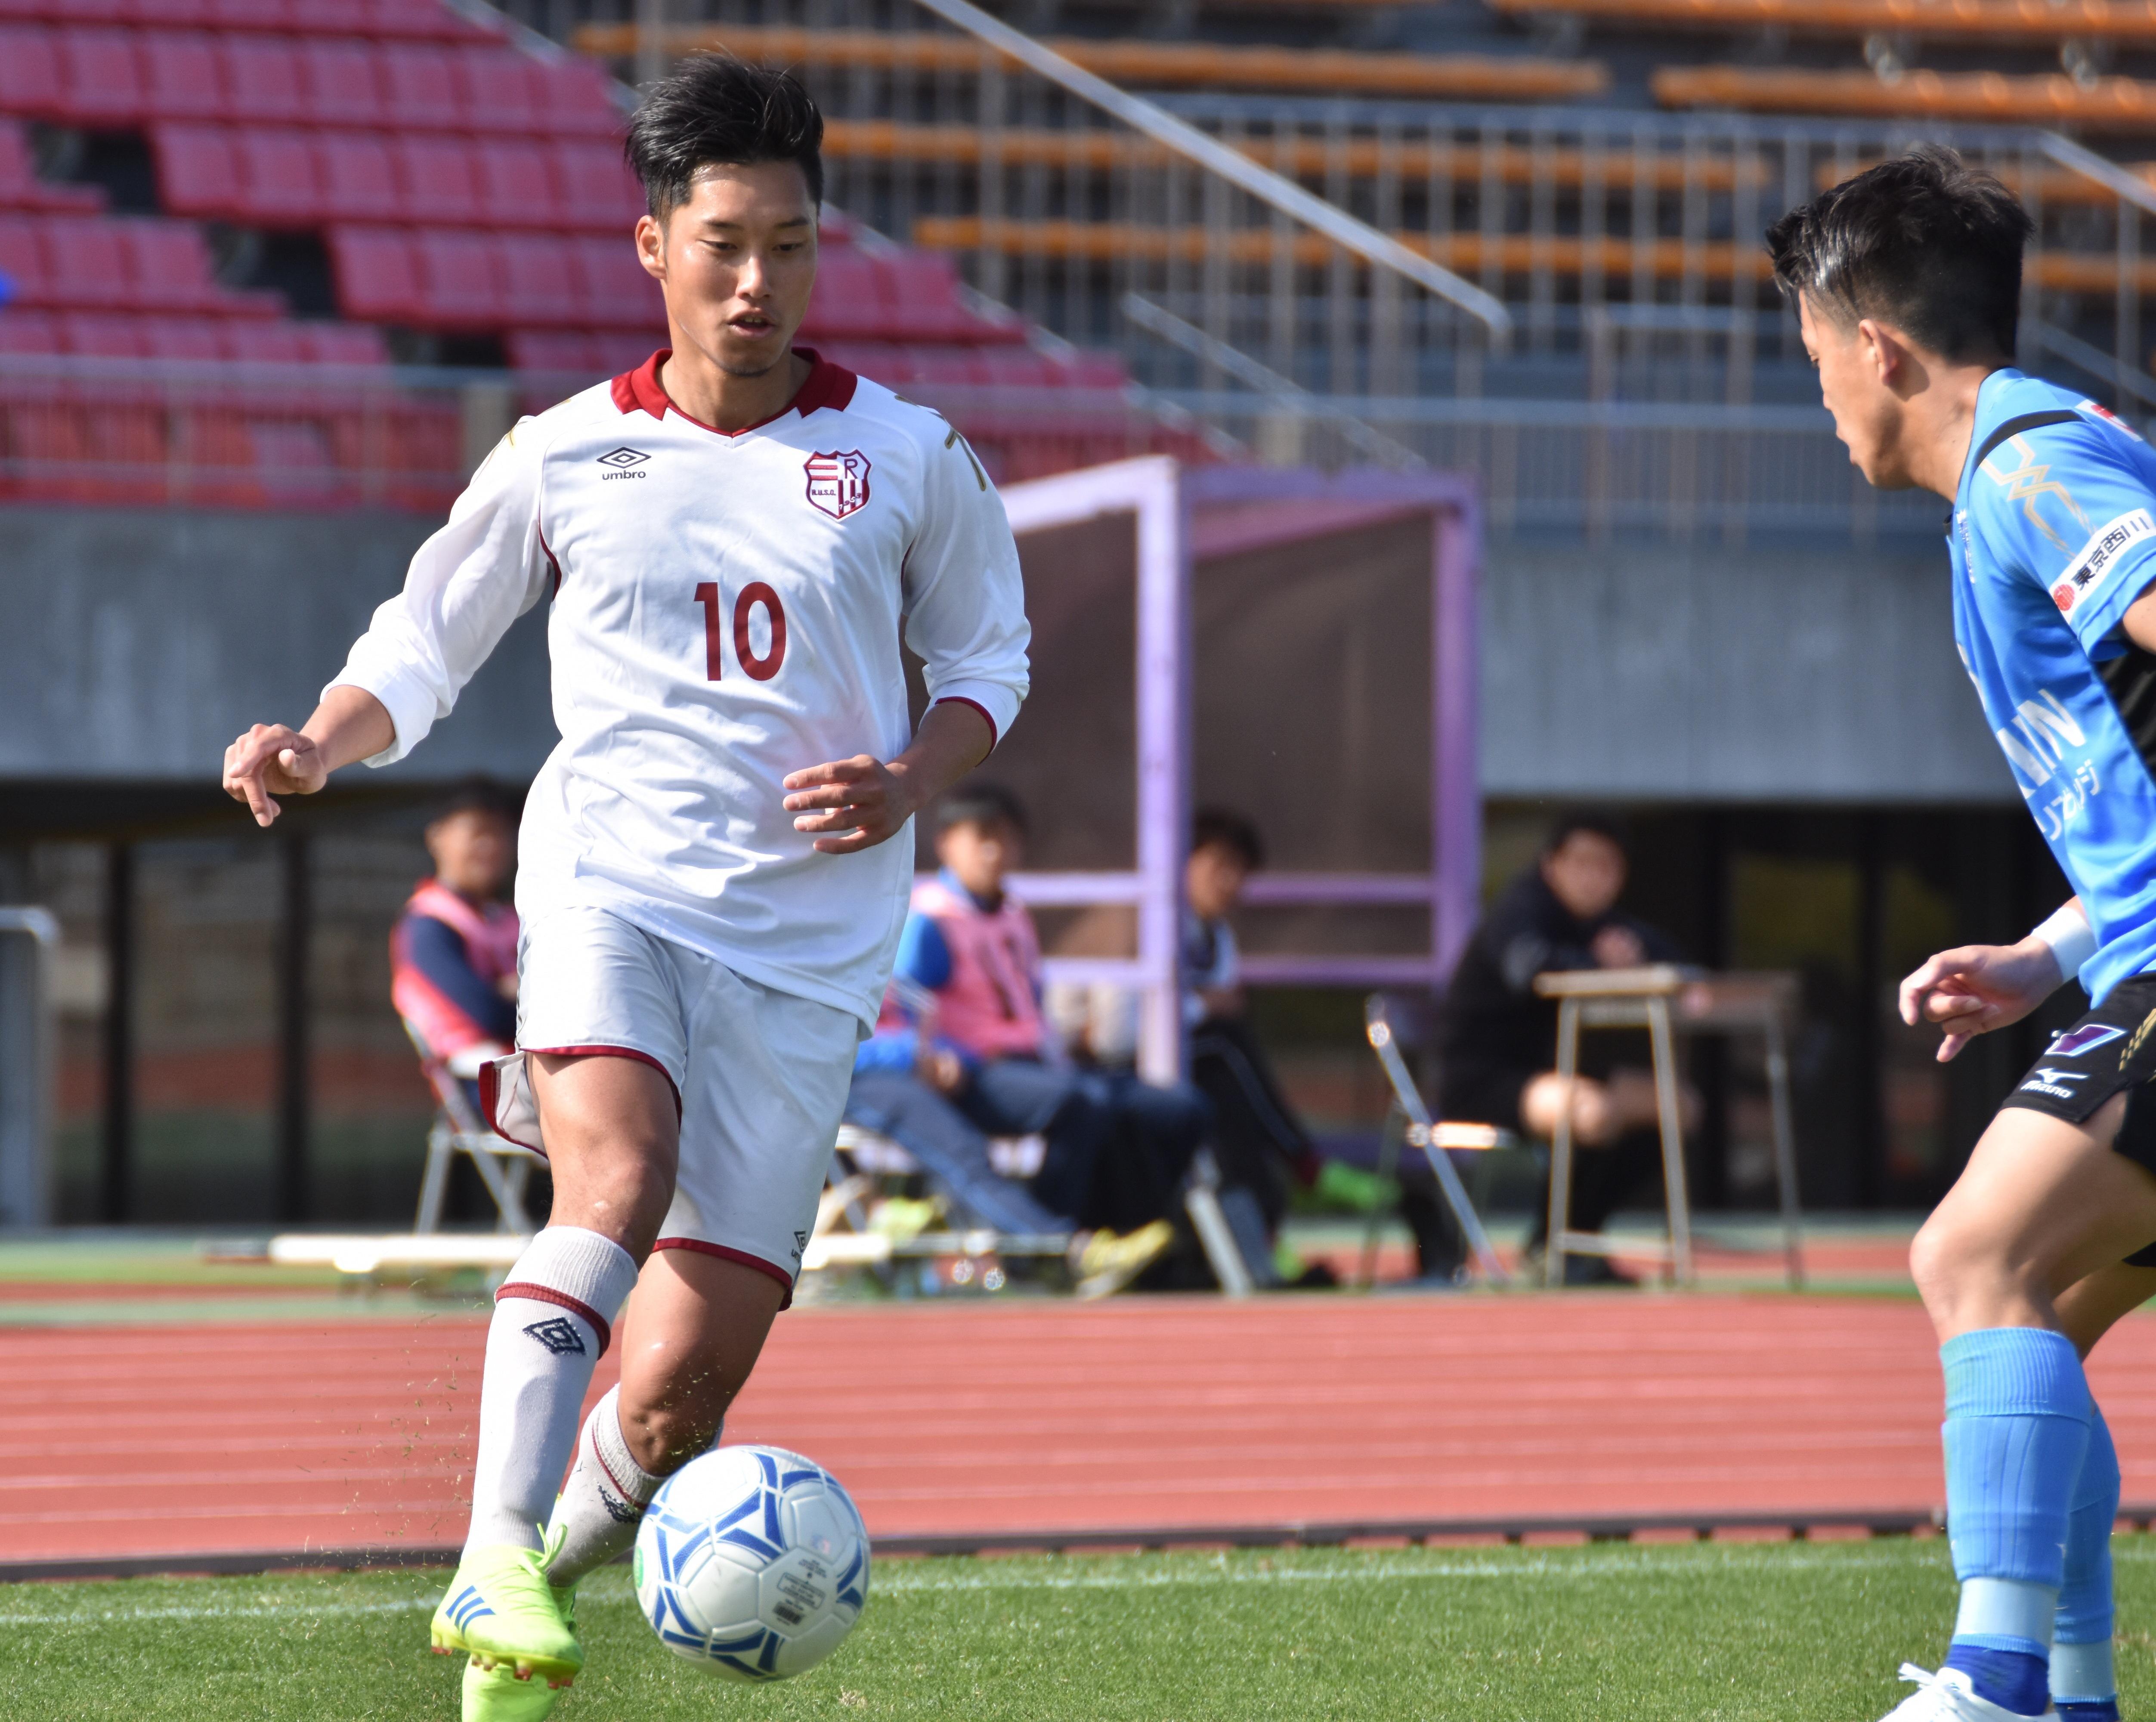 立命館大学体育会サッカー部からJリーガーが誕生 竹本 雄飛さんがJリーグ・ロアッソ熊本に入団内定 --立命館大学